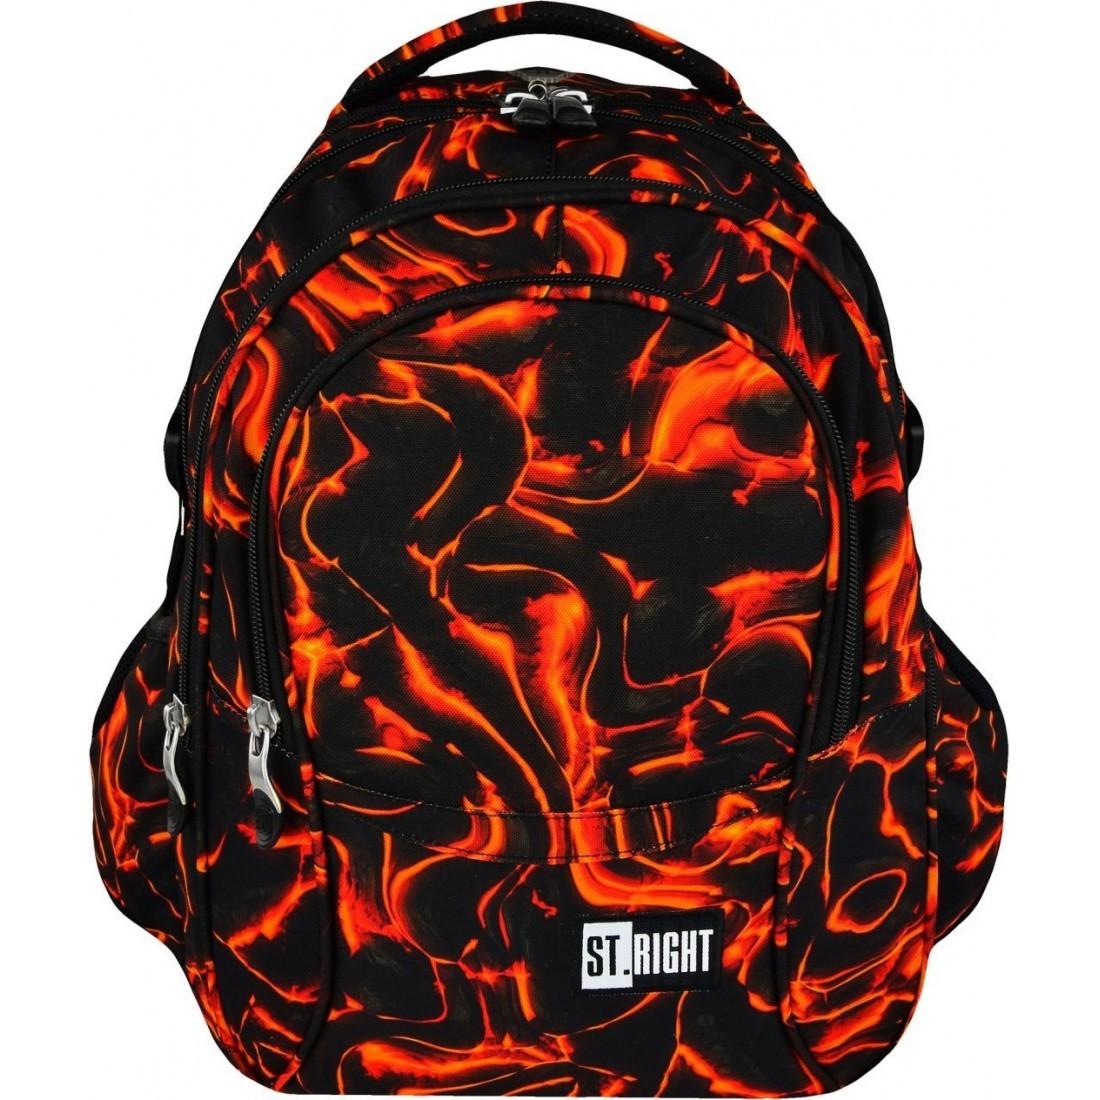 Plecak szkolny ST.RIGHT LAVA gorąca lawa BP01